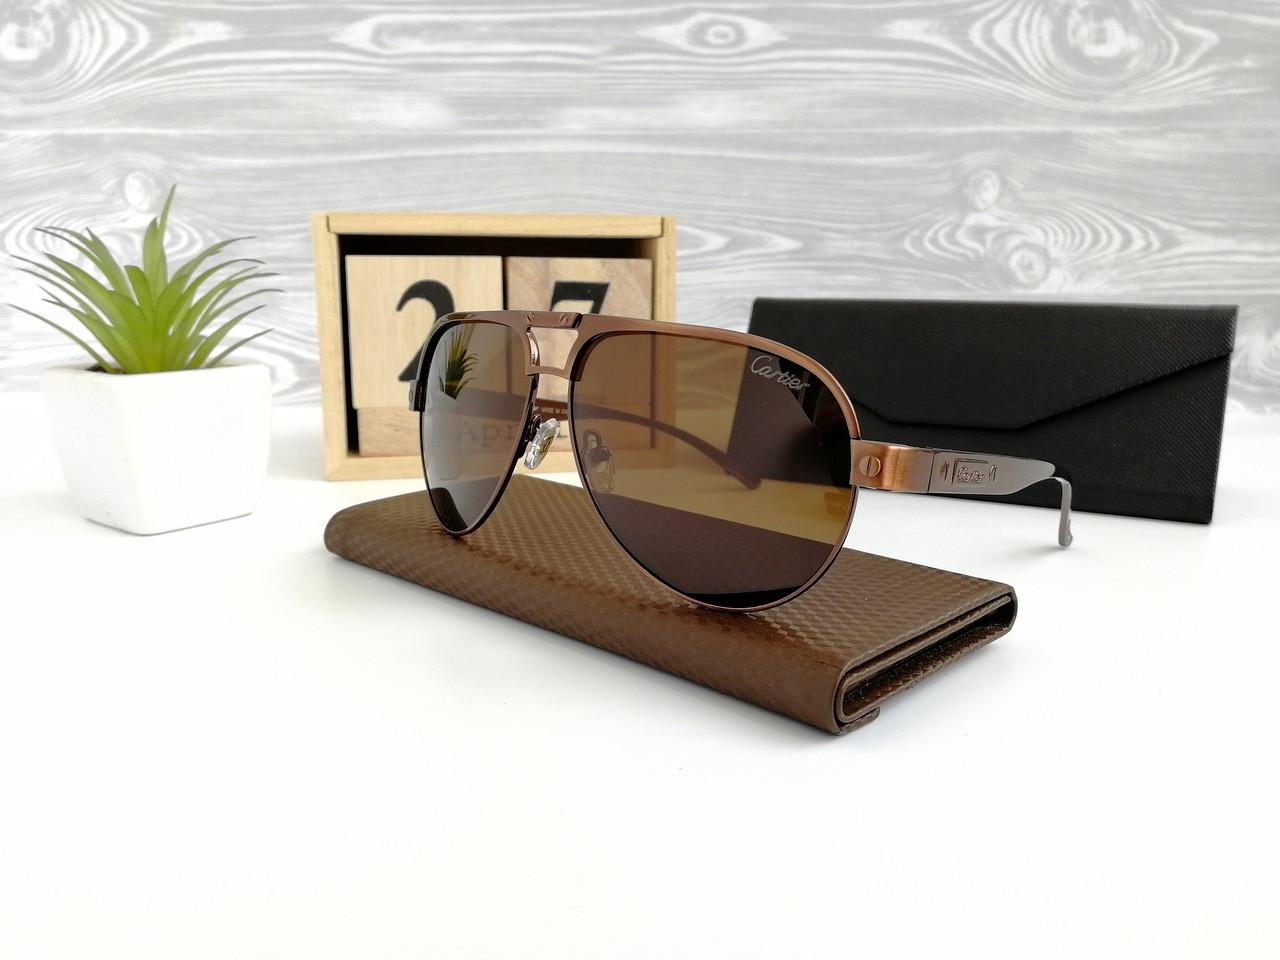 Очки мужские солнцезащитные Cartier. Стильные мужские очки.